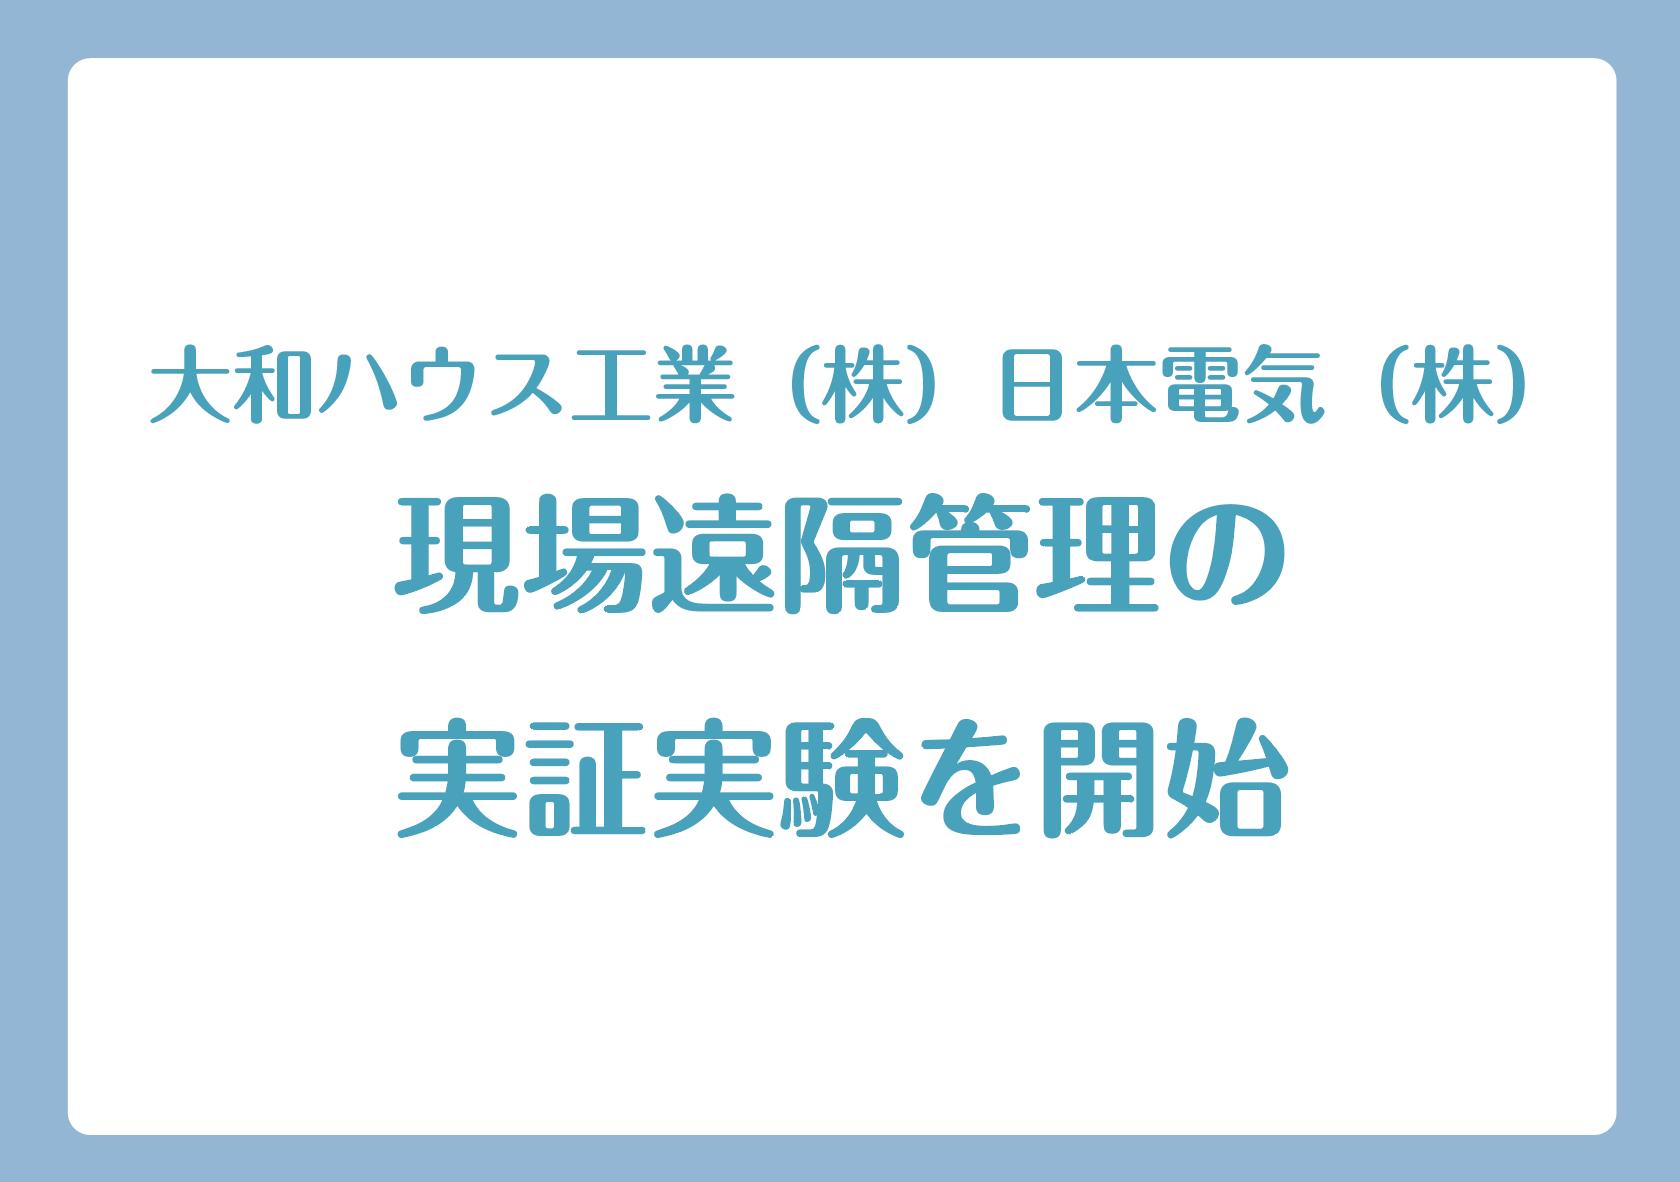 大和ハウス工業(株)、日本電気(株)現場遠隔管理の実証実験を開始の画像